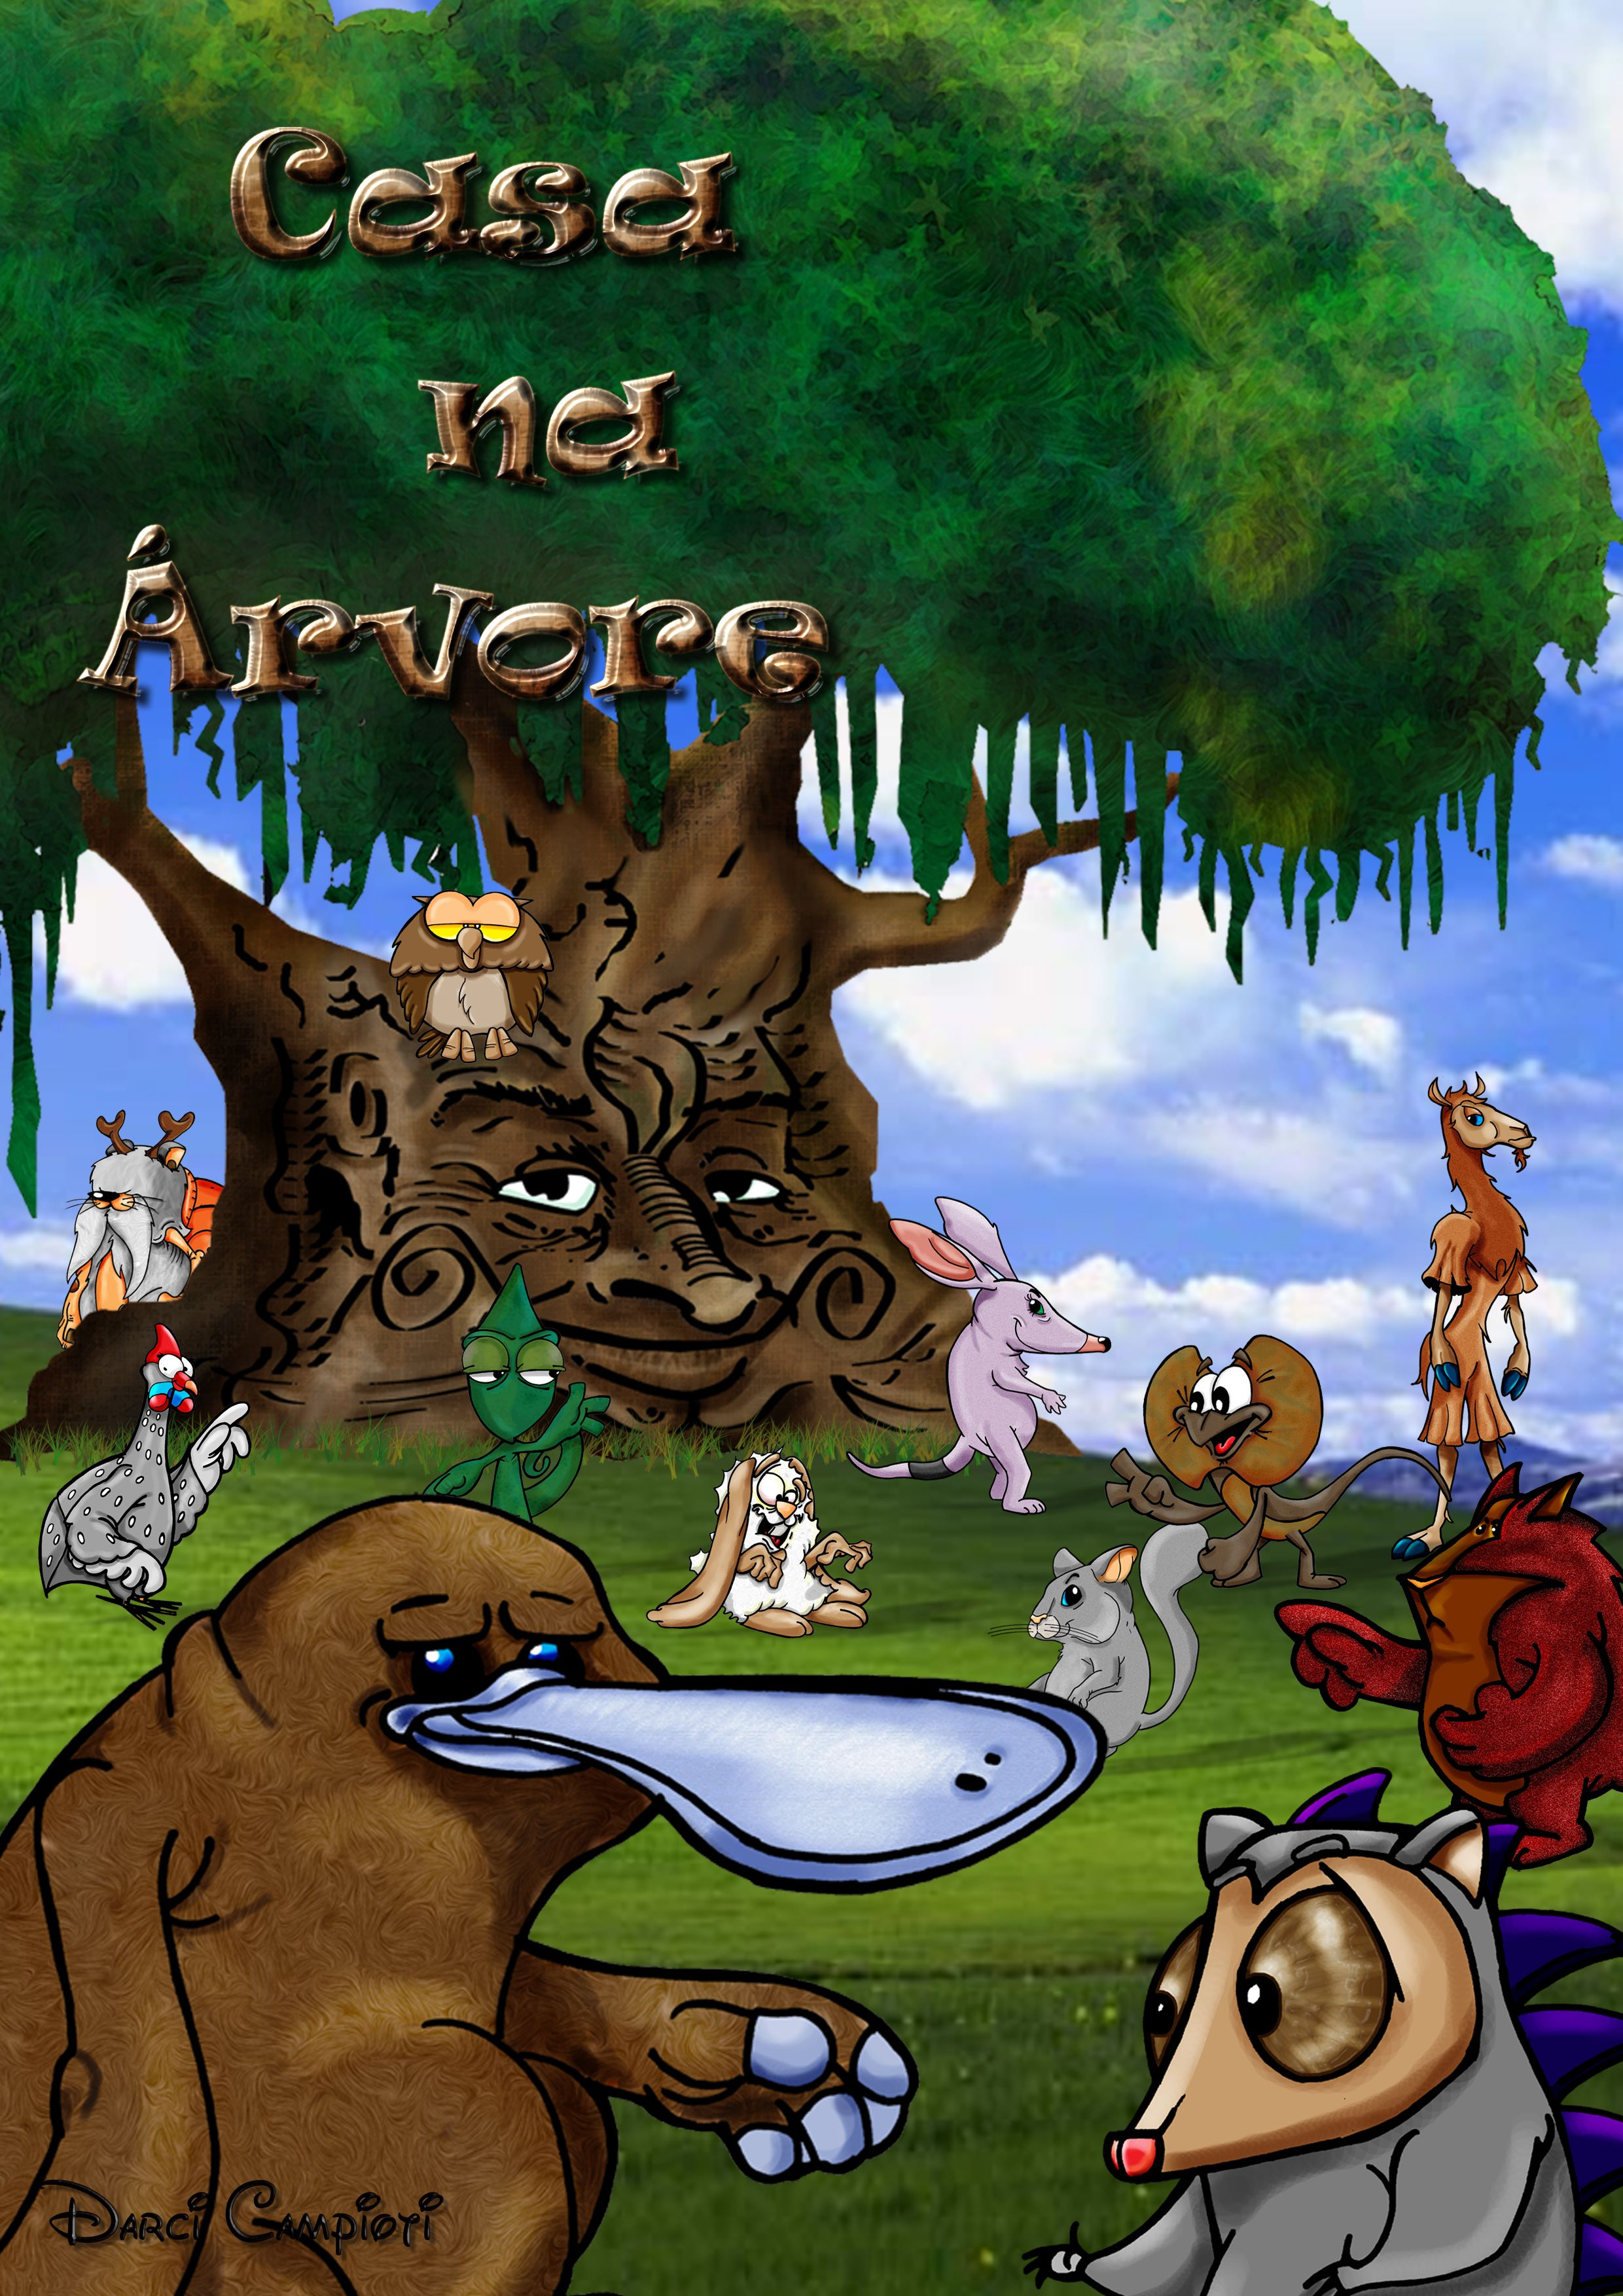 História em quadrinhos- Casa na Árvore - Criação: Darci Campioti visite: www.institutodeartesdarcicampioti.blogspot.com.br